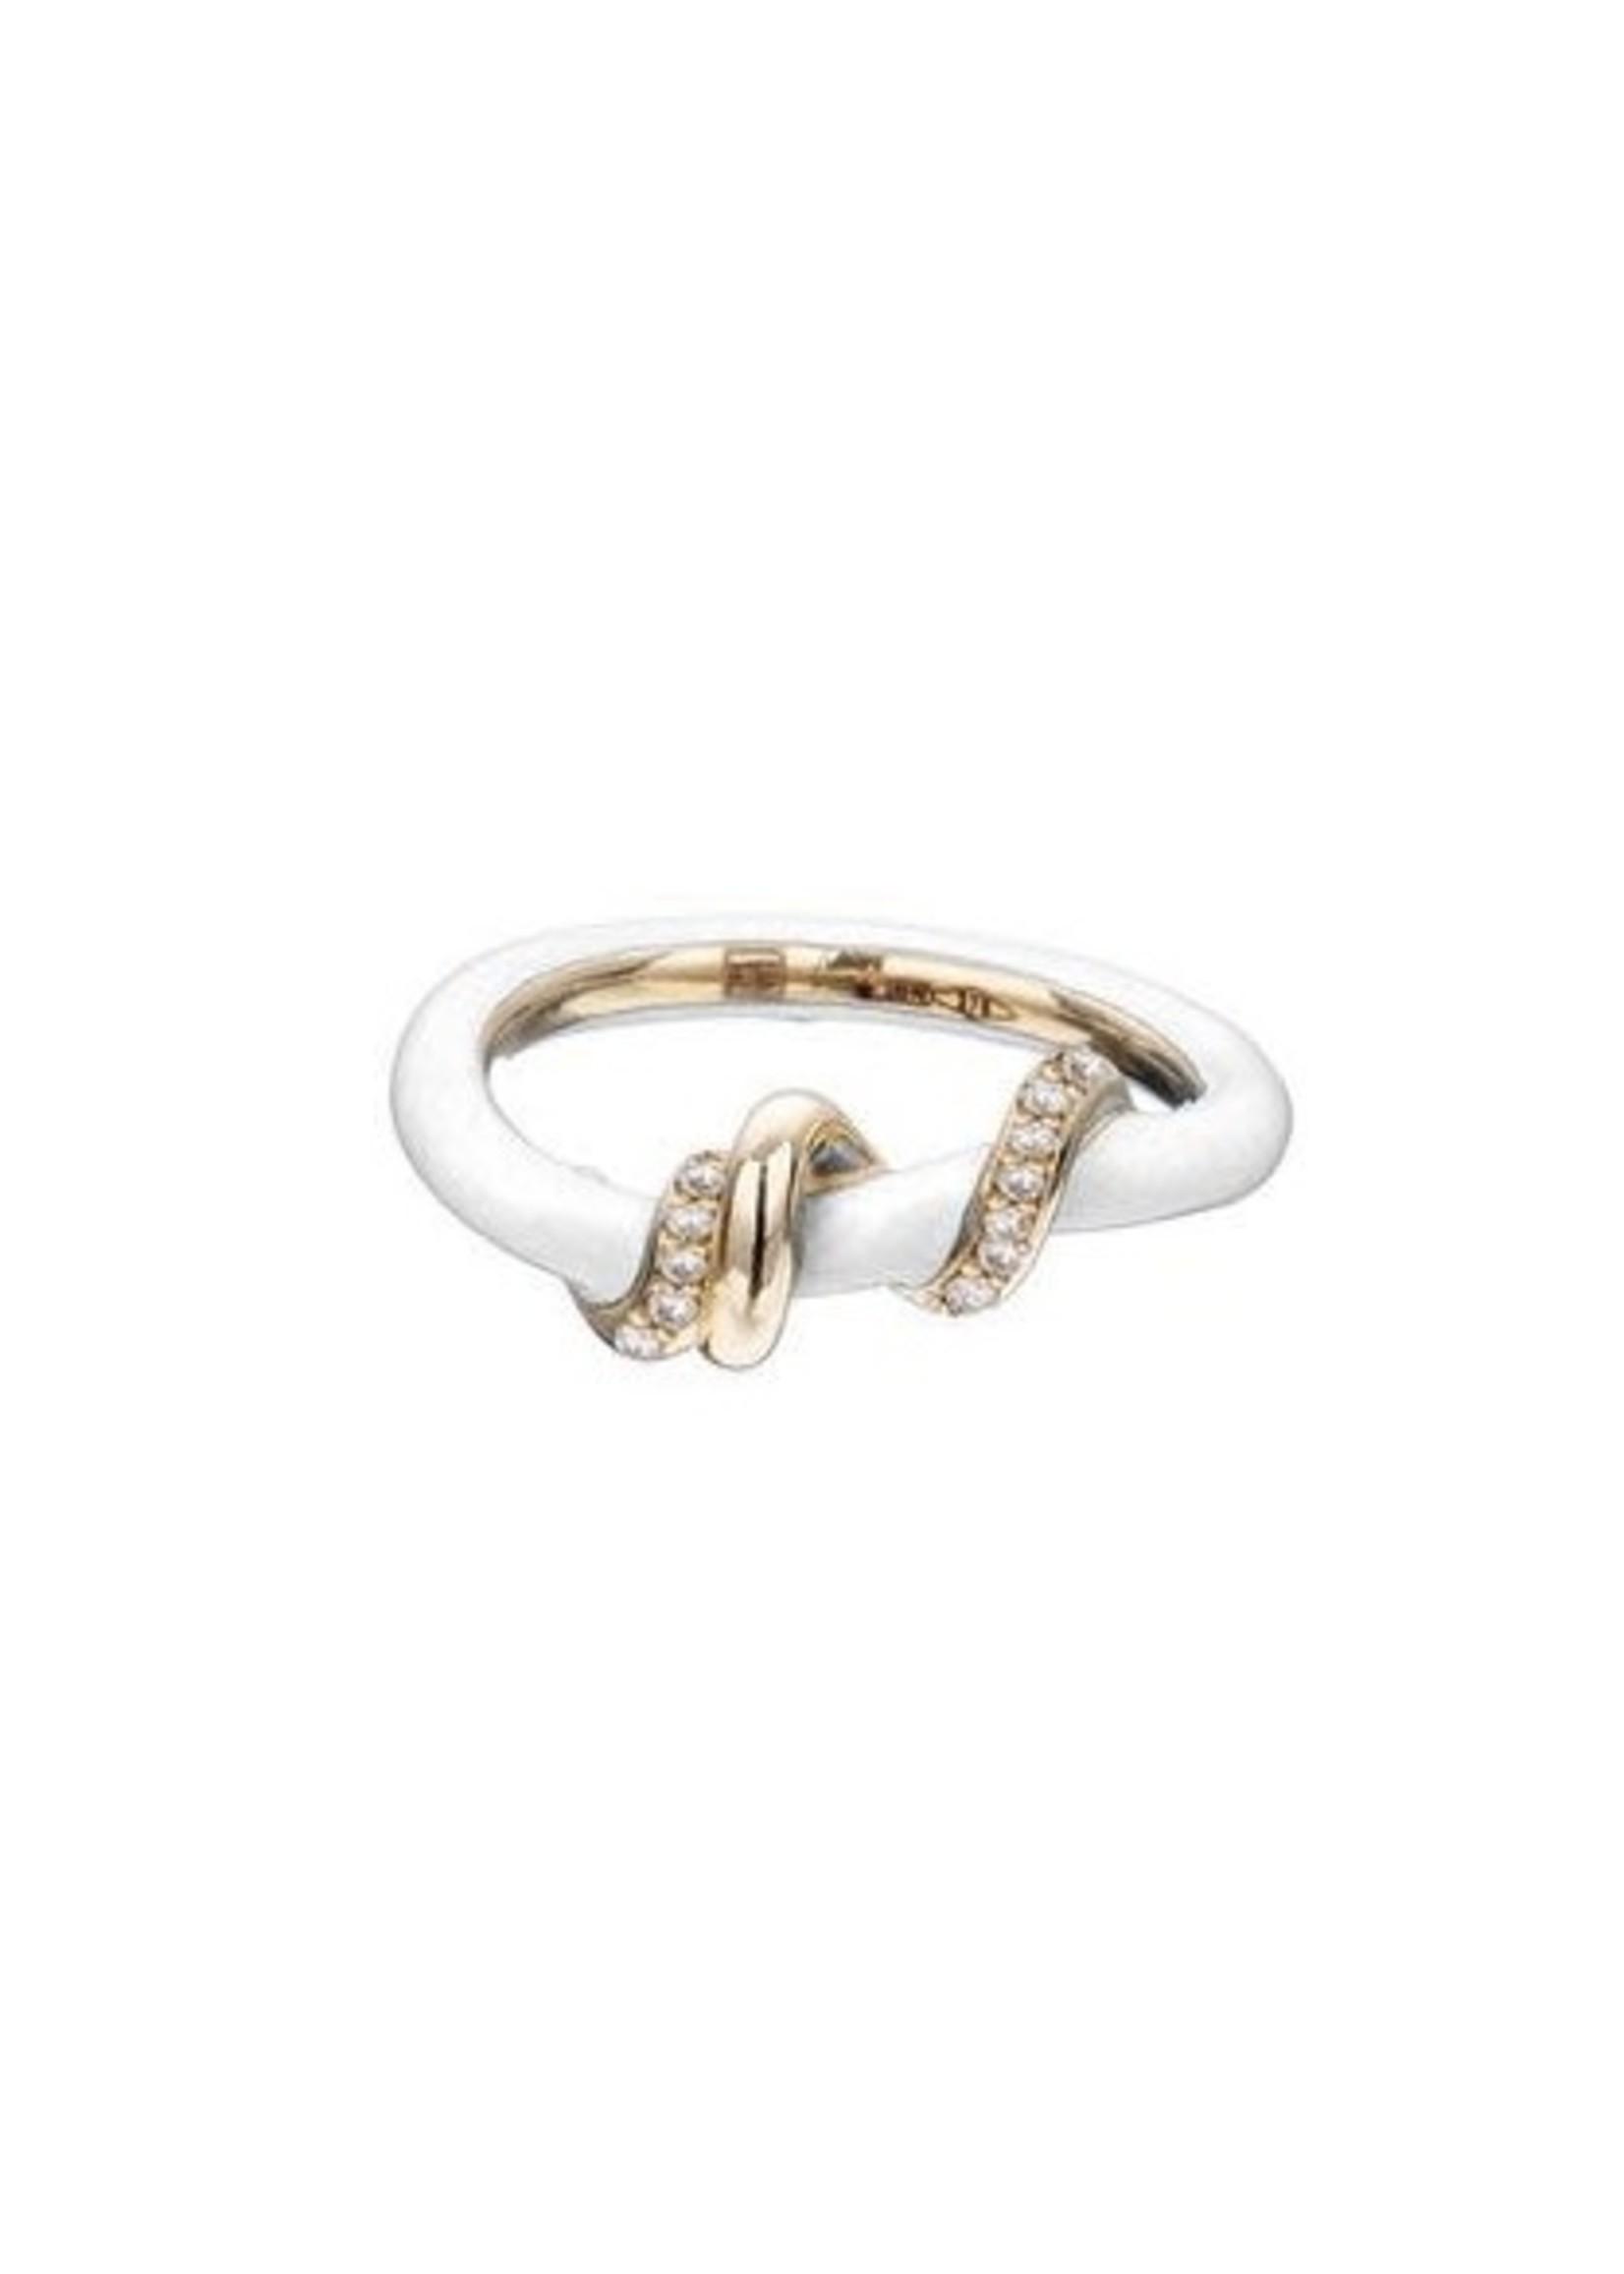 Bea Bongiasca Diamond PaveBaby Vine Wrapped Ring